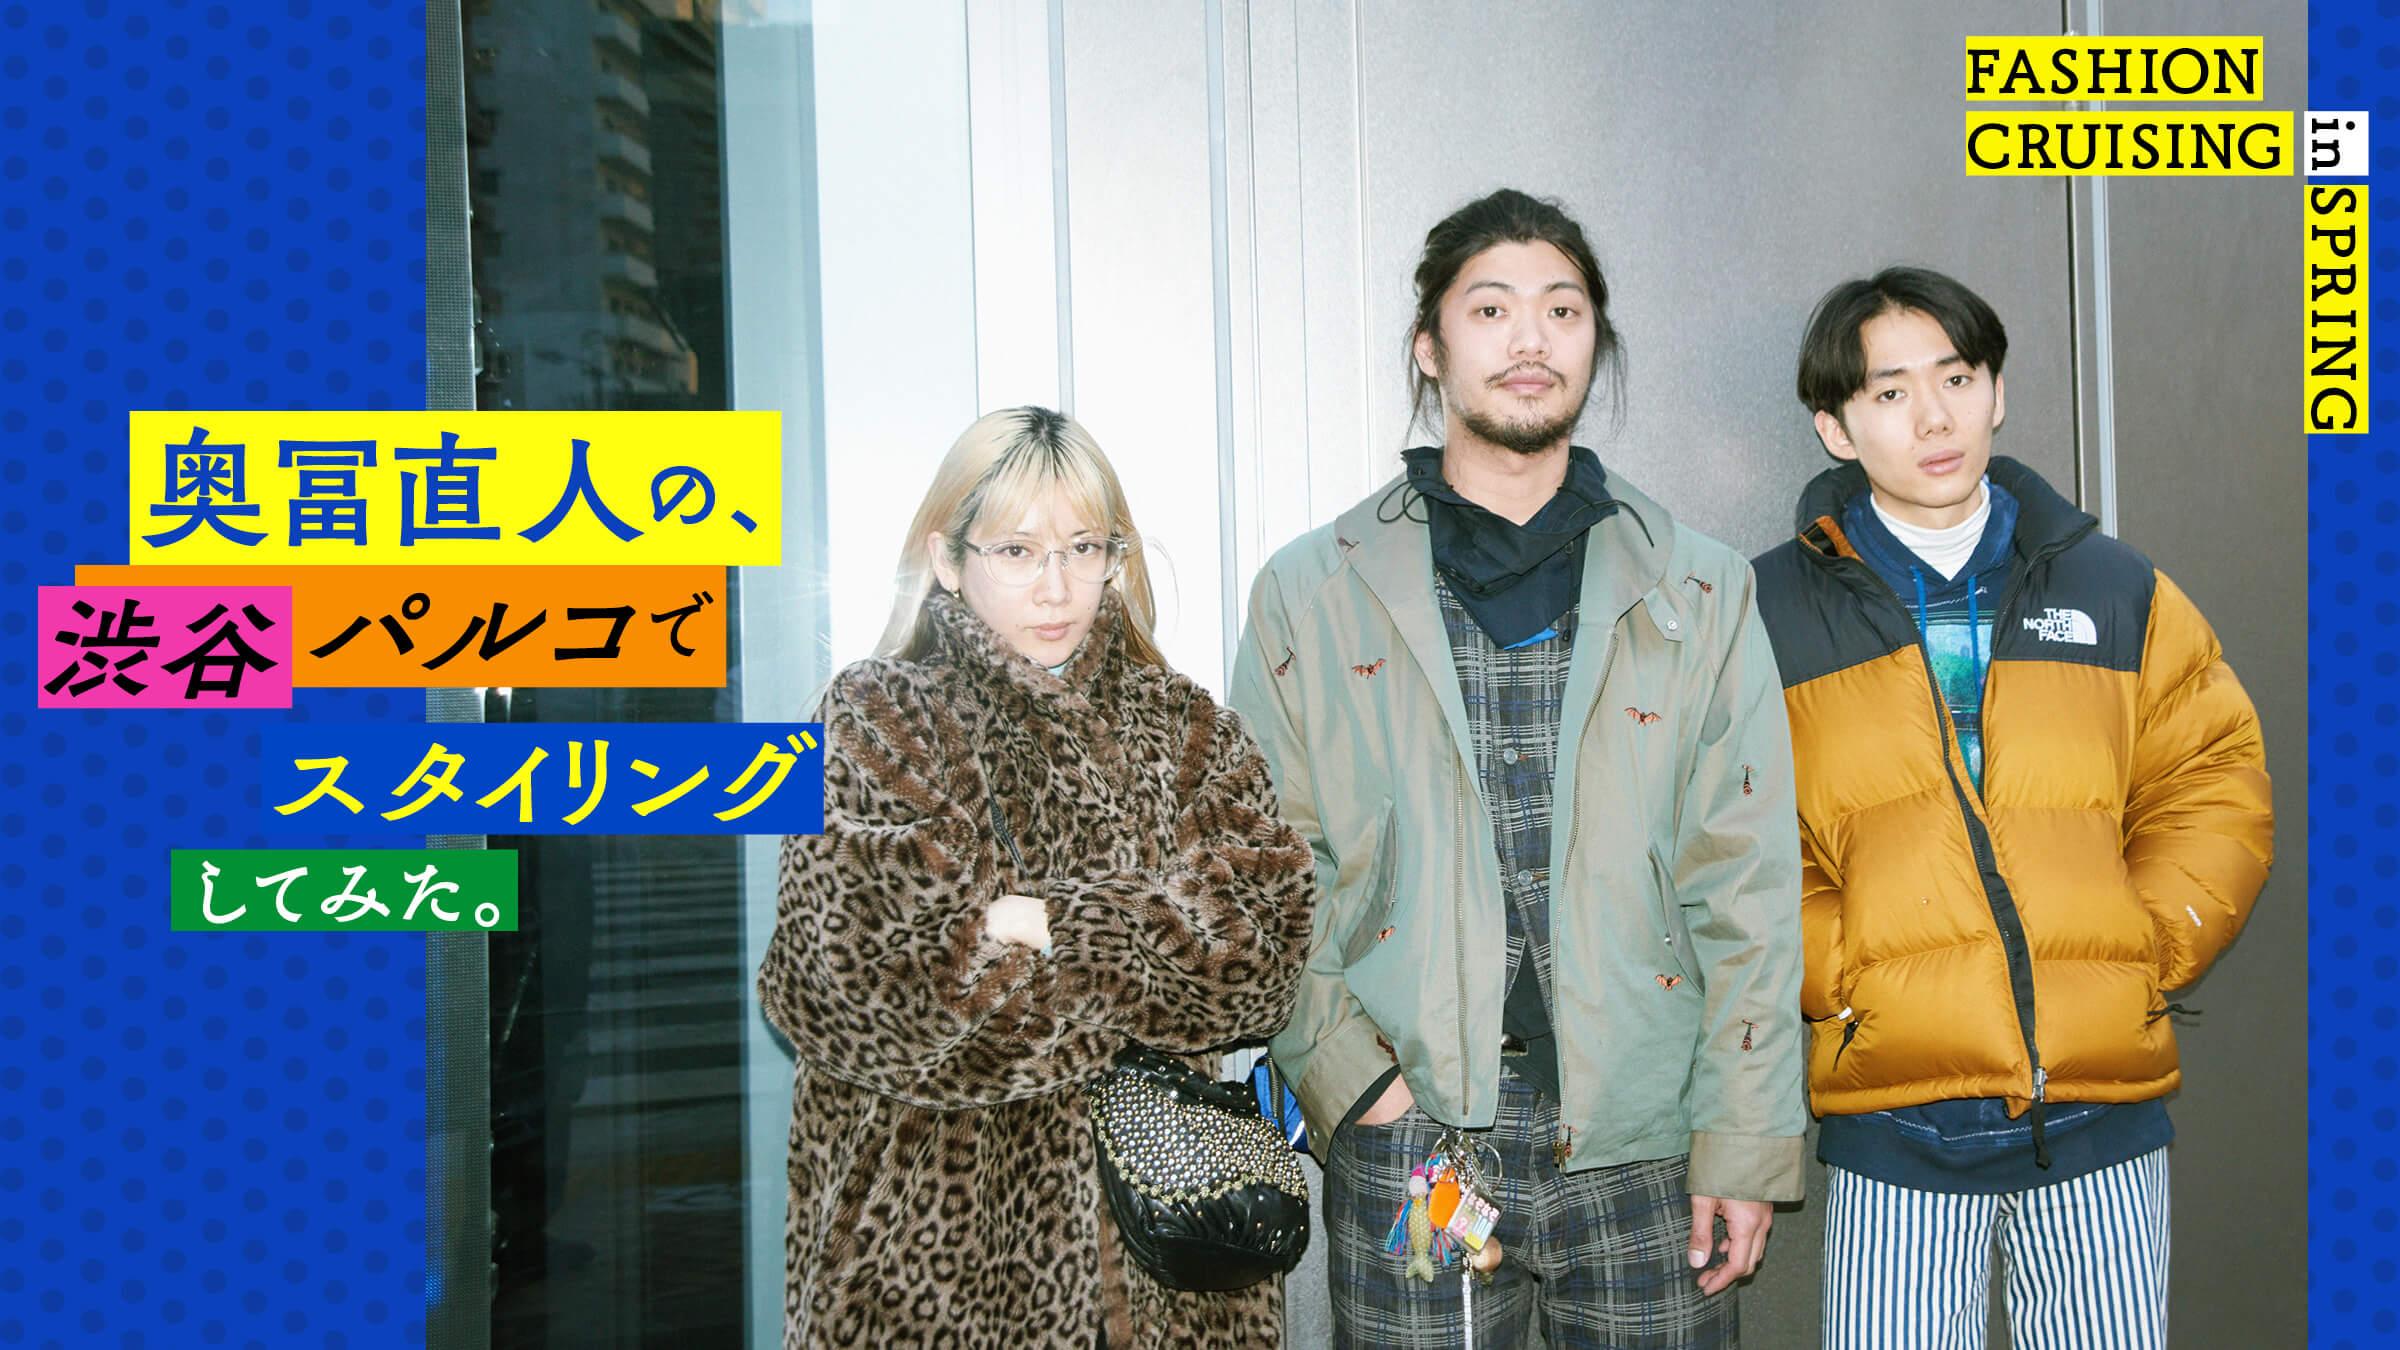 奥冨直人の、渋谷パルコでスタイリングしてみた。